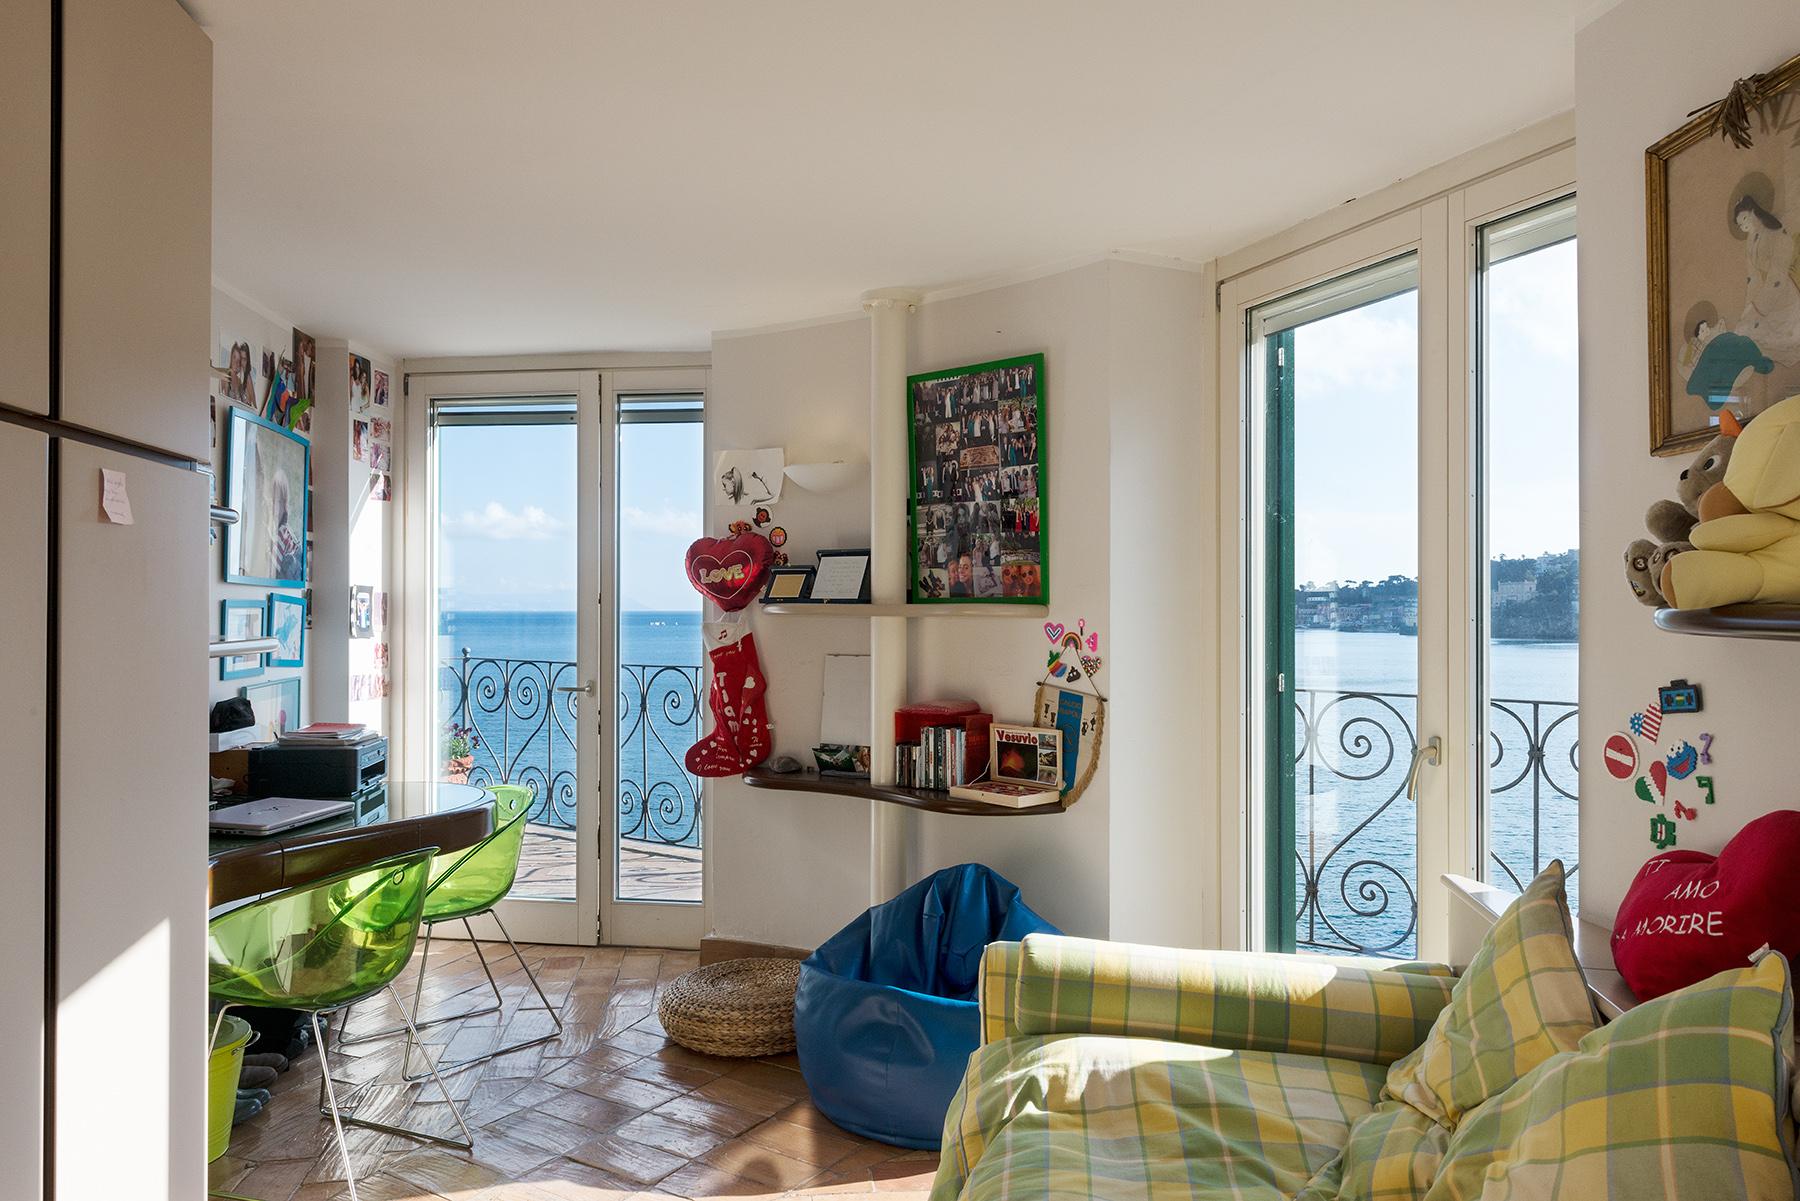 Villa in Vendita a Napoli: 5 locali, 220 mq - Foto 8